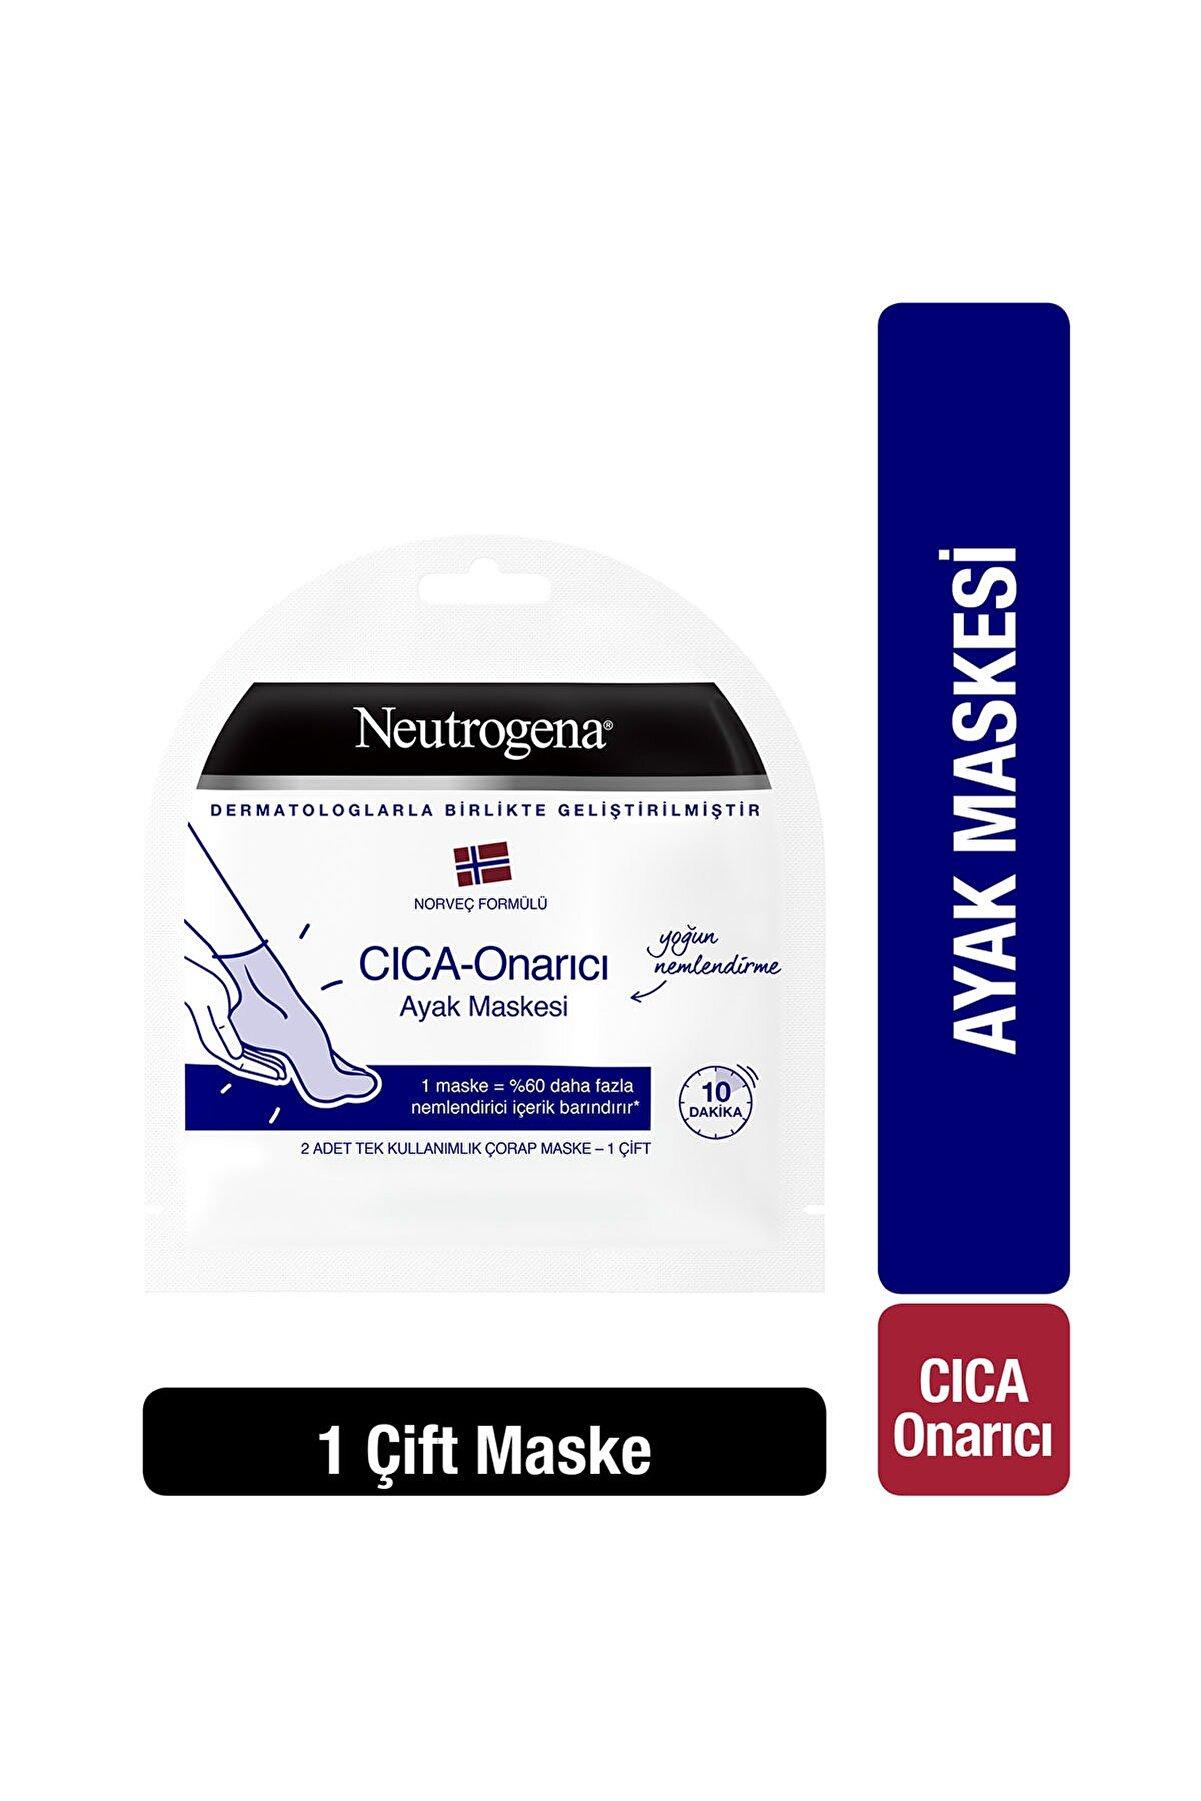 Neutrogena CICA-Onarıcı Ayak Maskesi